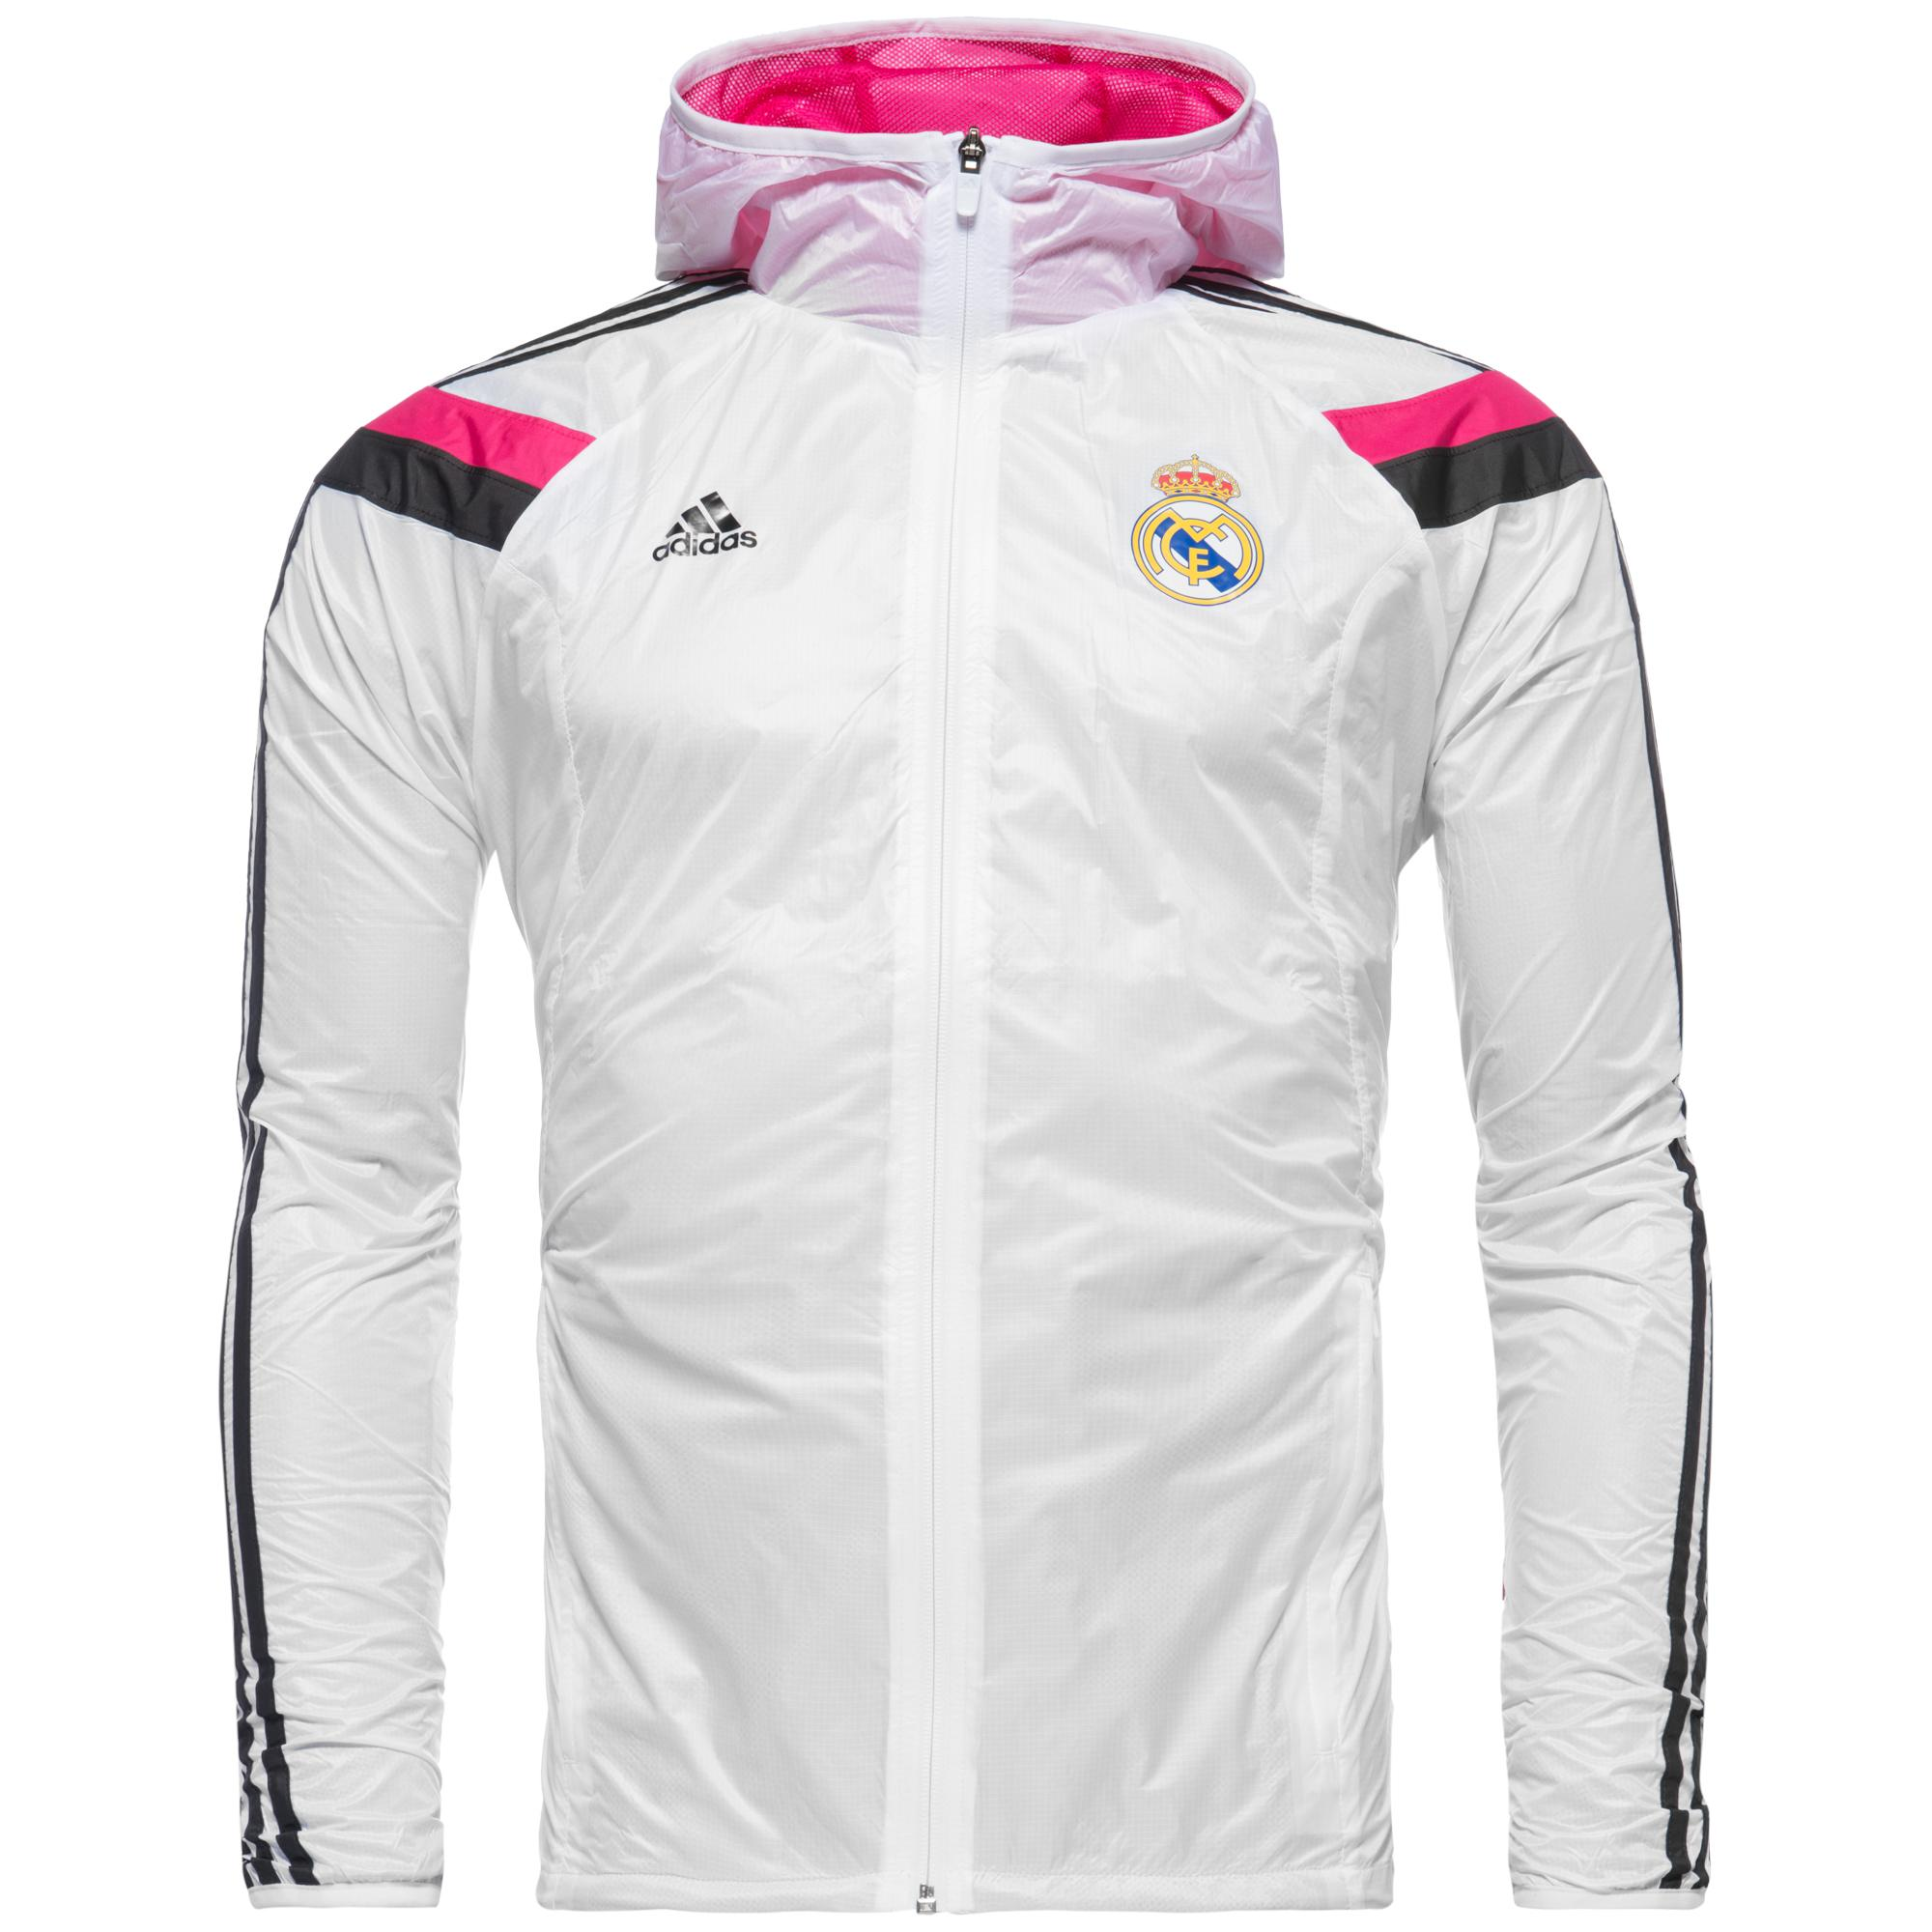 real madrid training jacket anthem white black pink. Black Bedroom Furniture Sets. Home Design Ideas